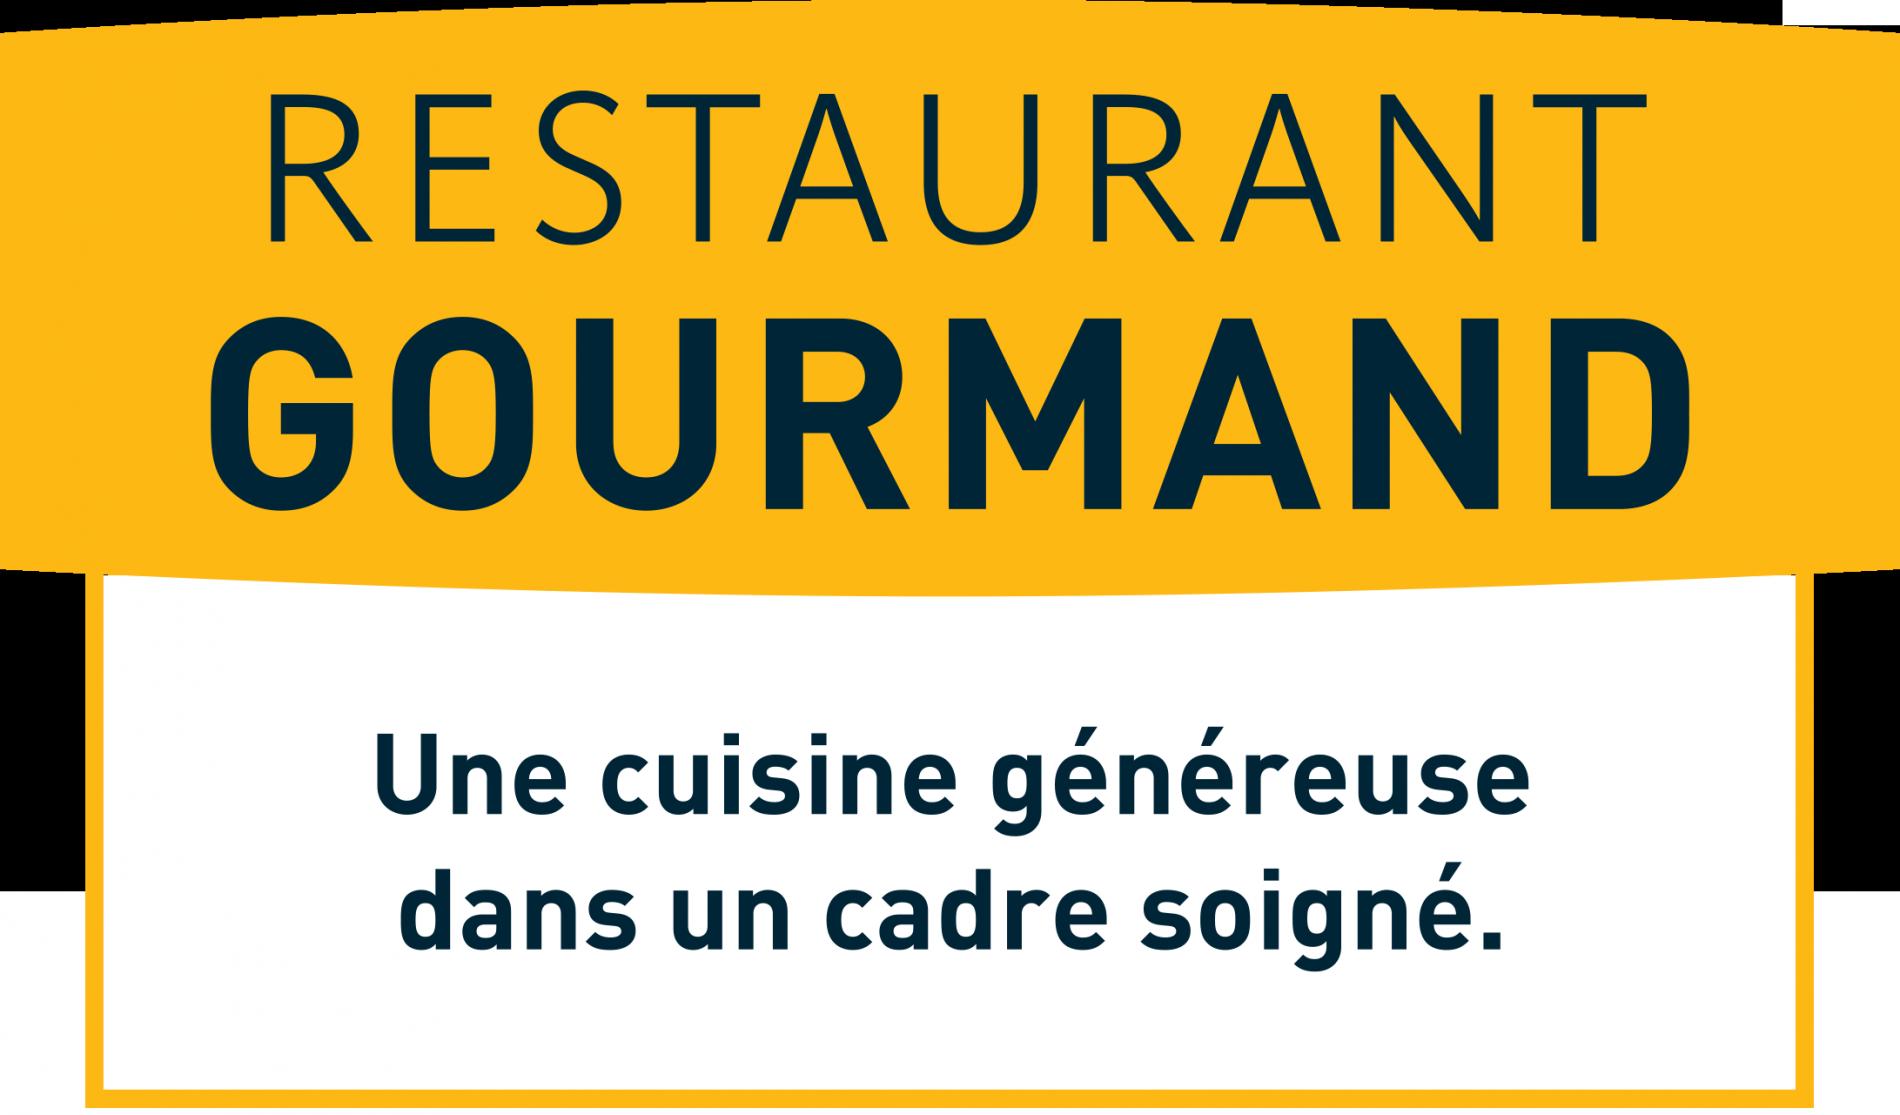 logis hotel le relais saint vincent, logo restaurant gourmand